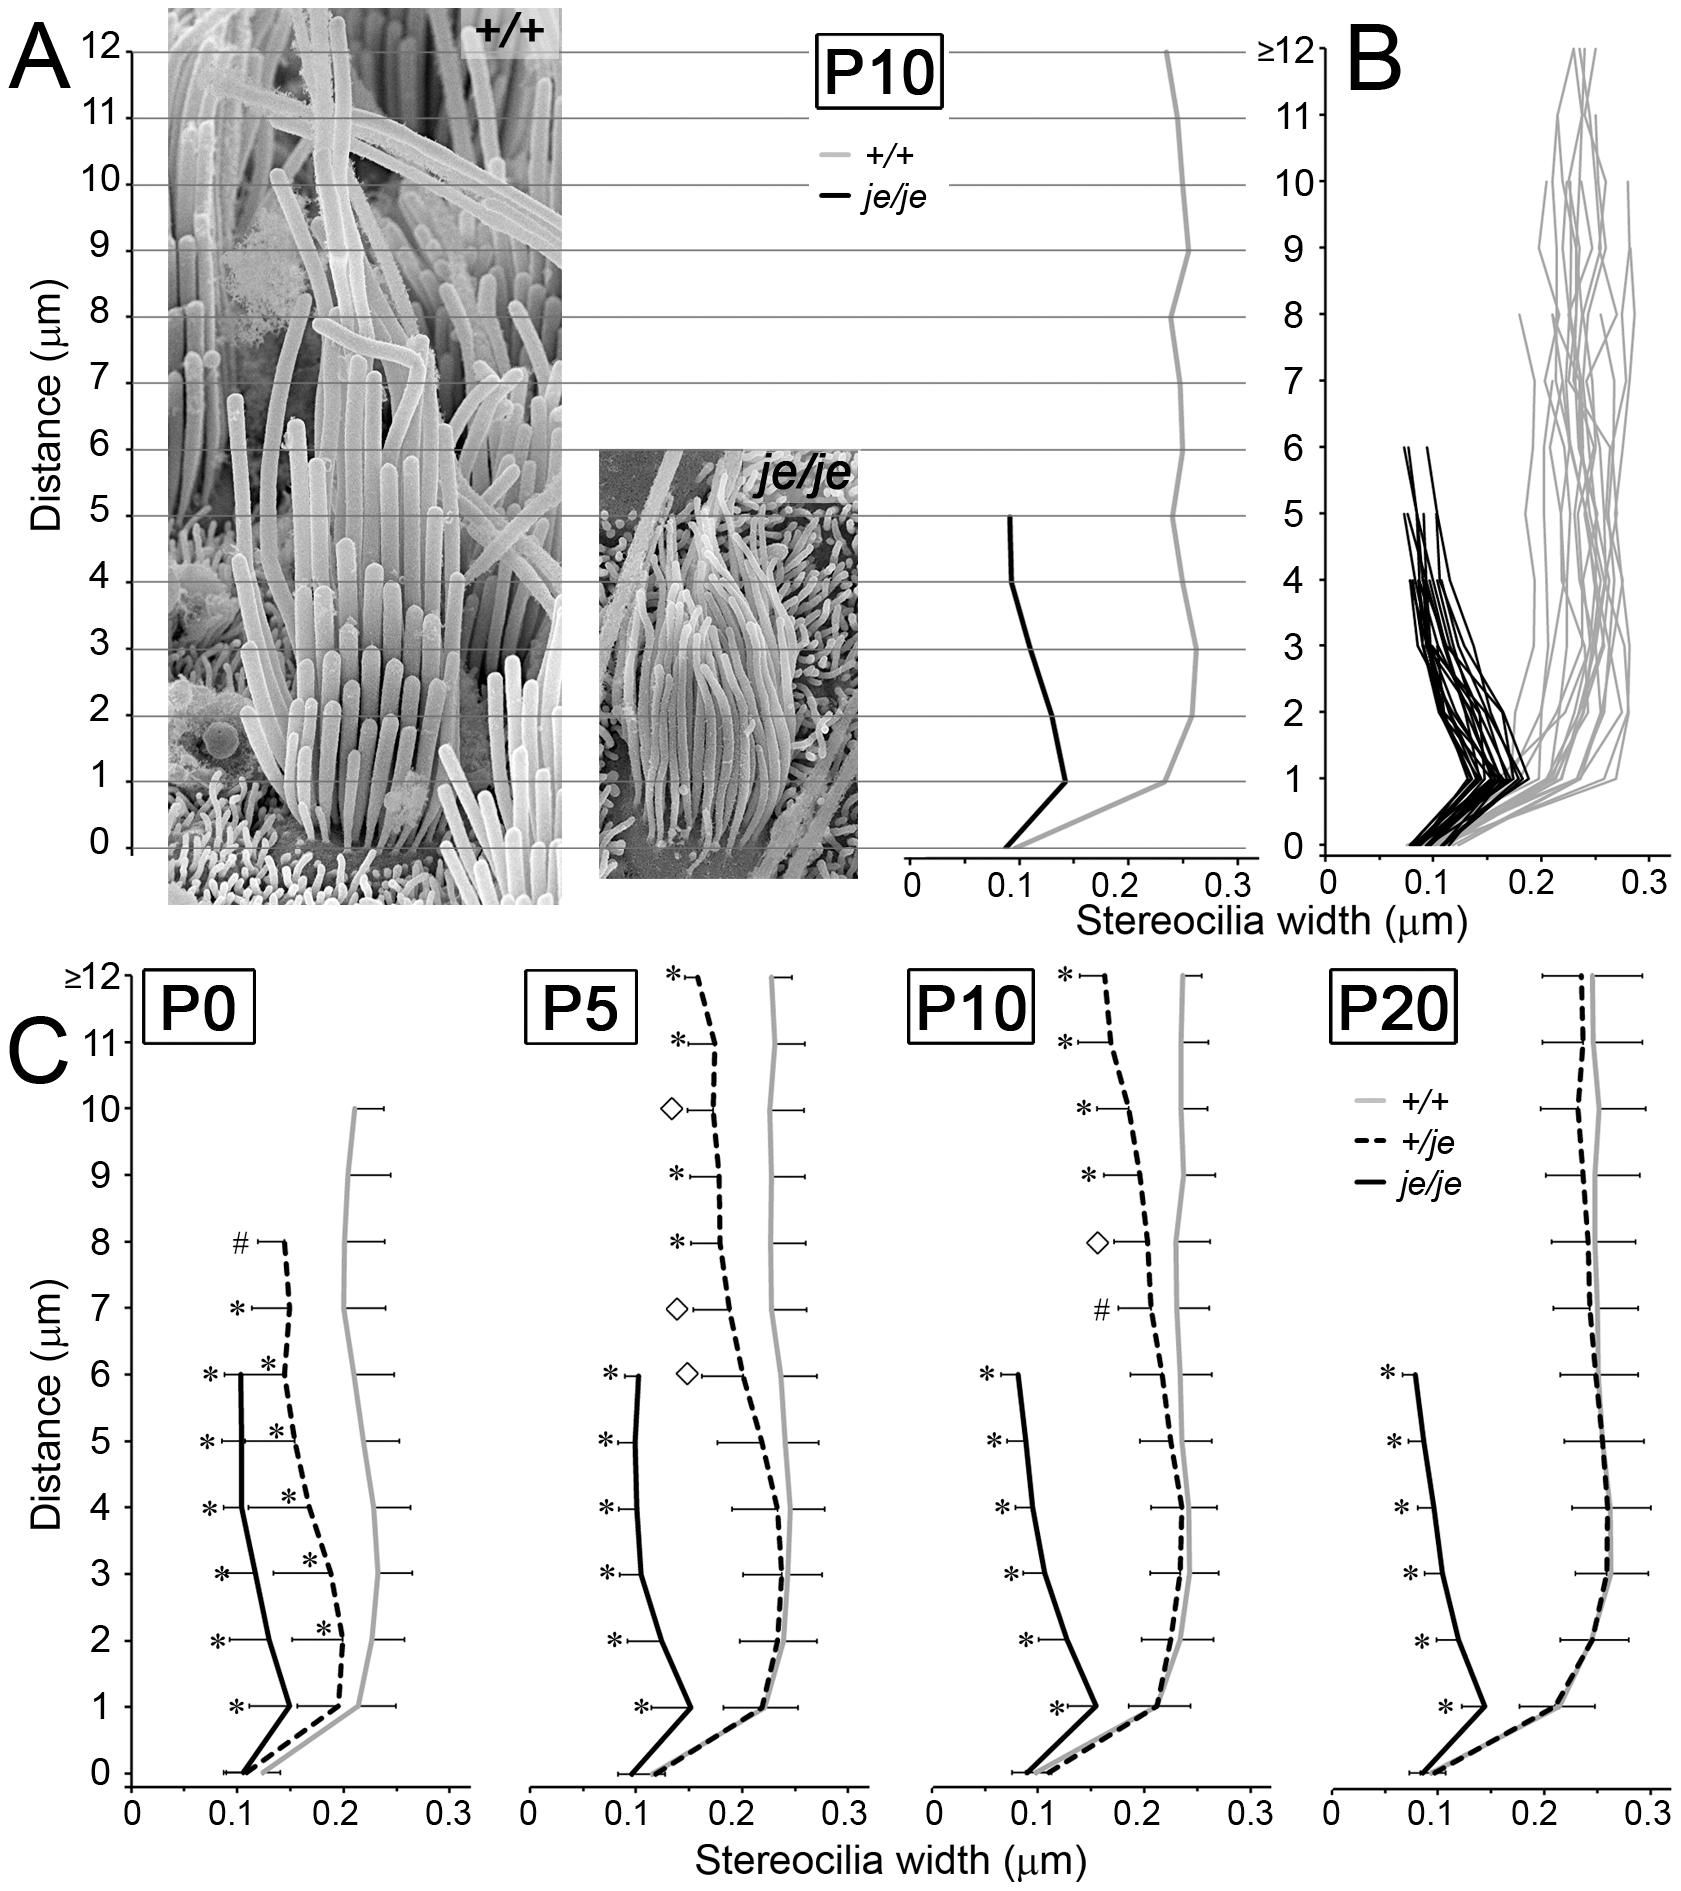 Stereociliary width measurements for extrastriolar vestibular hair cells in postnatal <i>+/+</i>, <i>+/je</i>, and <i>je/je</i> mice.